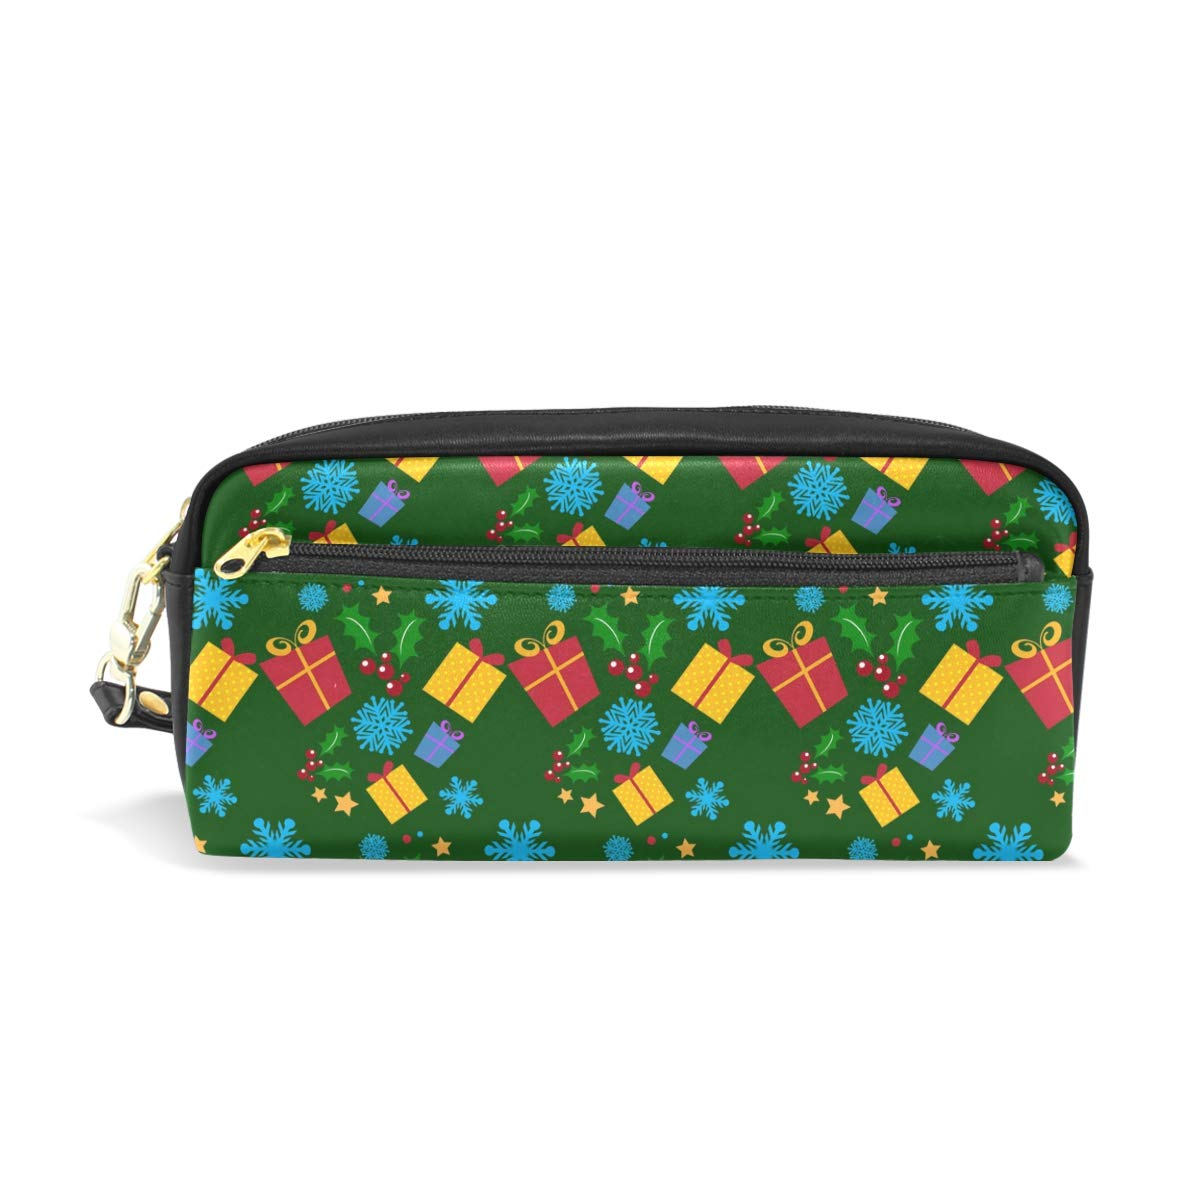 Cajas de regalo de Navidad de color verde oscuro, estuche escolar para lápices de niños, bolsa de gran capacidad para maquillaje, cosméticos, oficina, bolsa de viaje: Amazon.es: Oficina y papelería